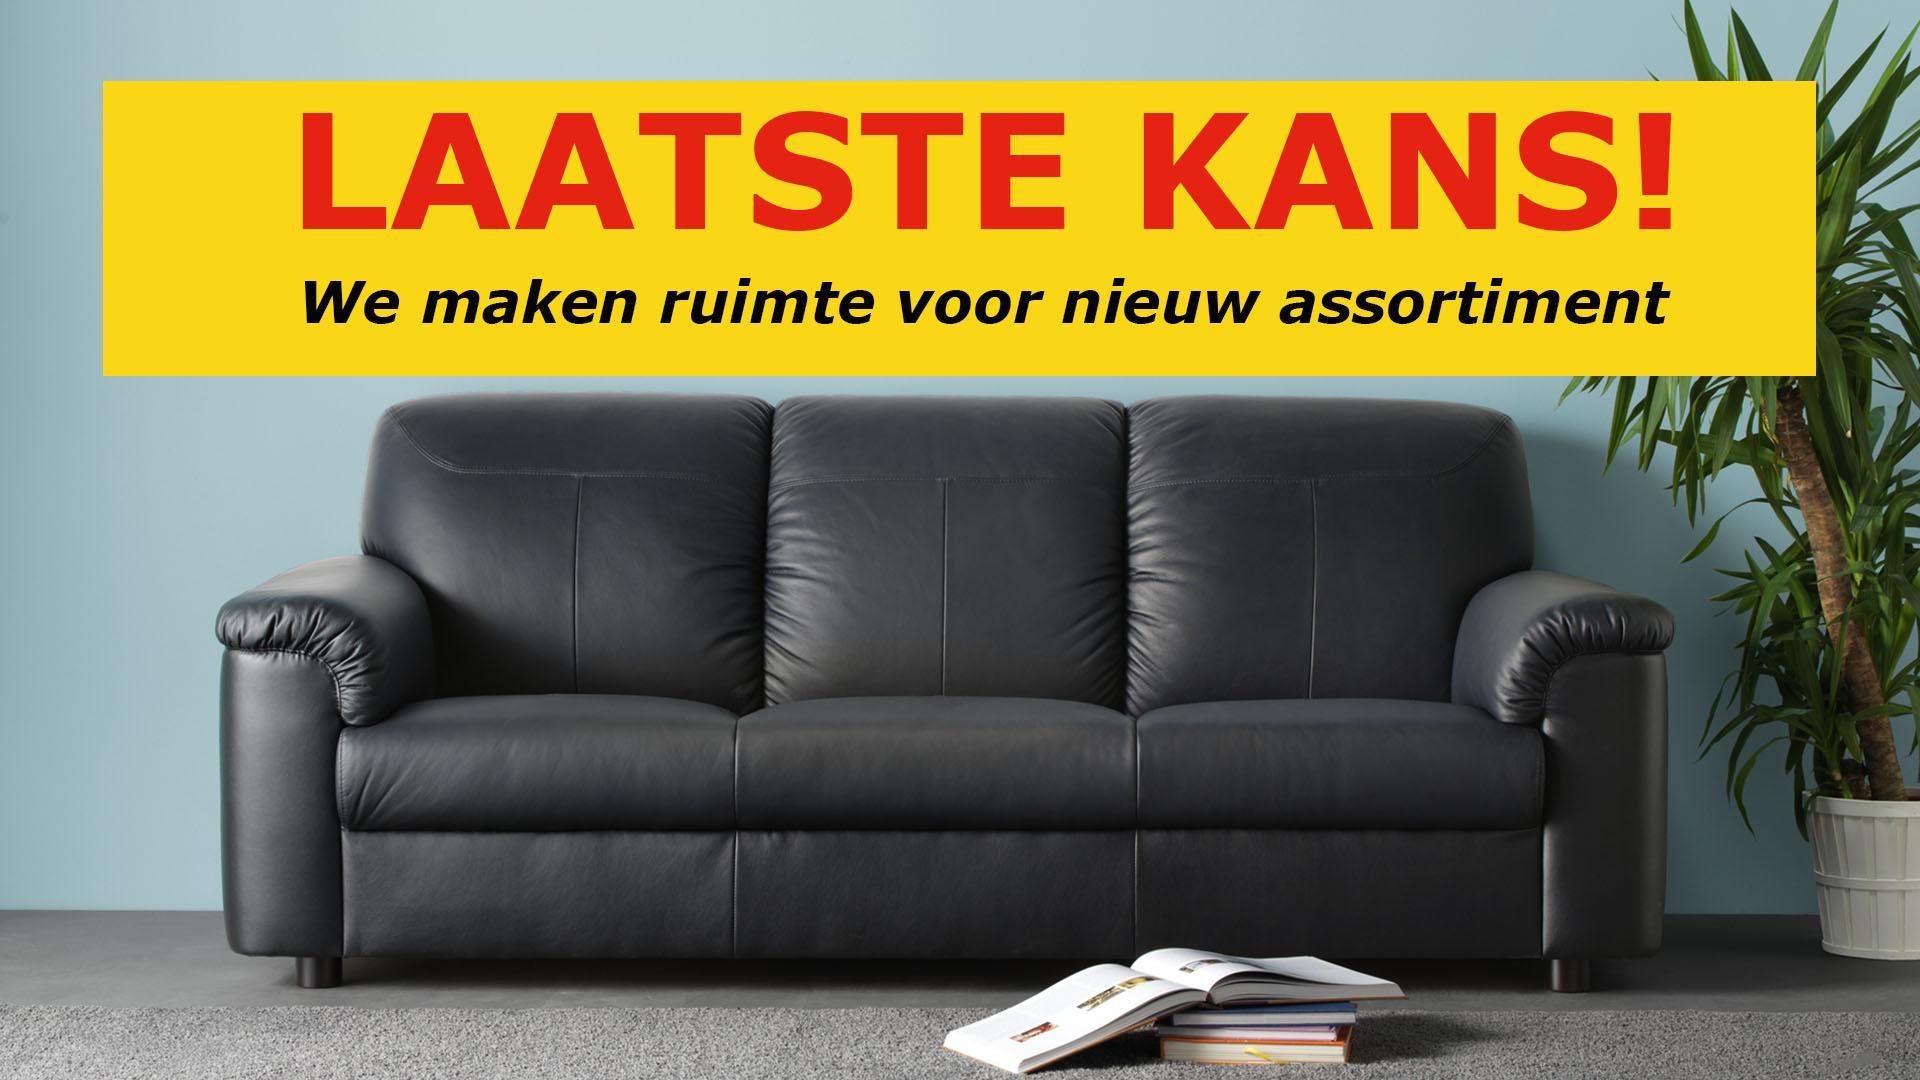 Laatste Kans aanbiedingen @ IKEA